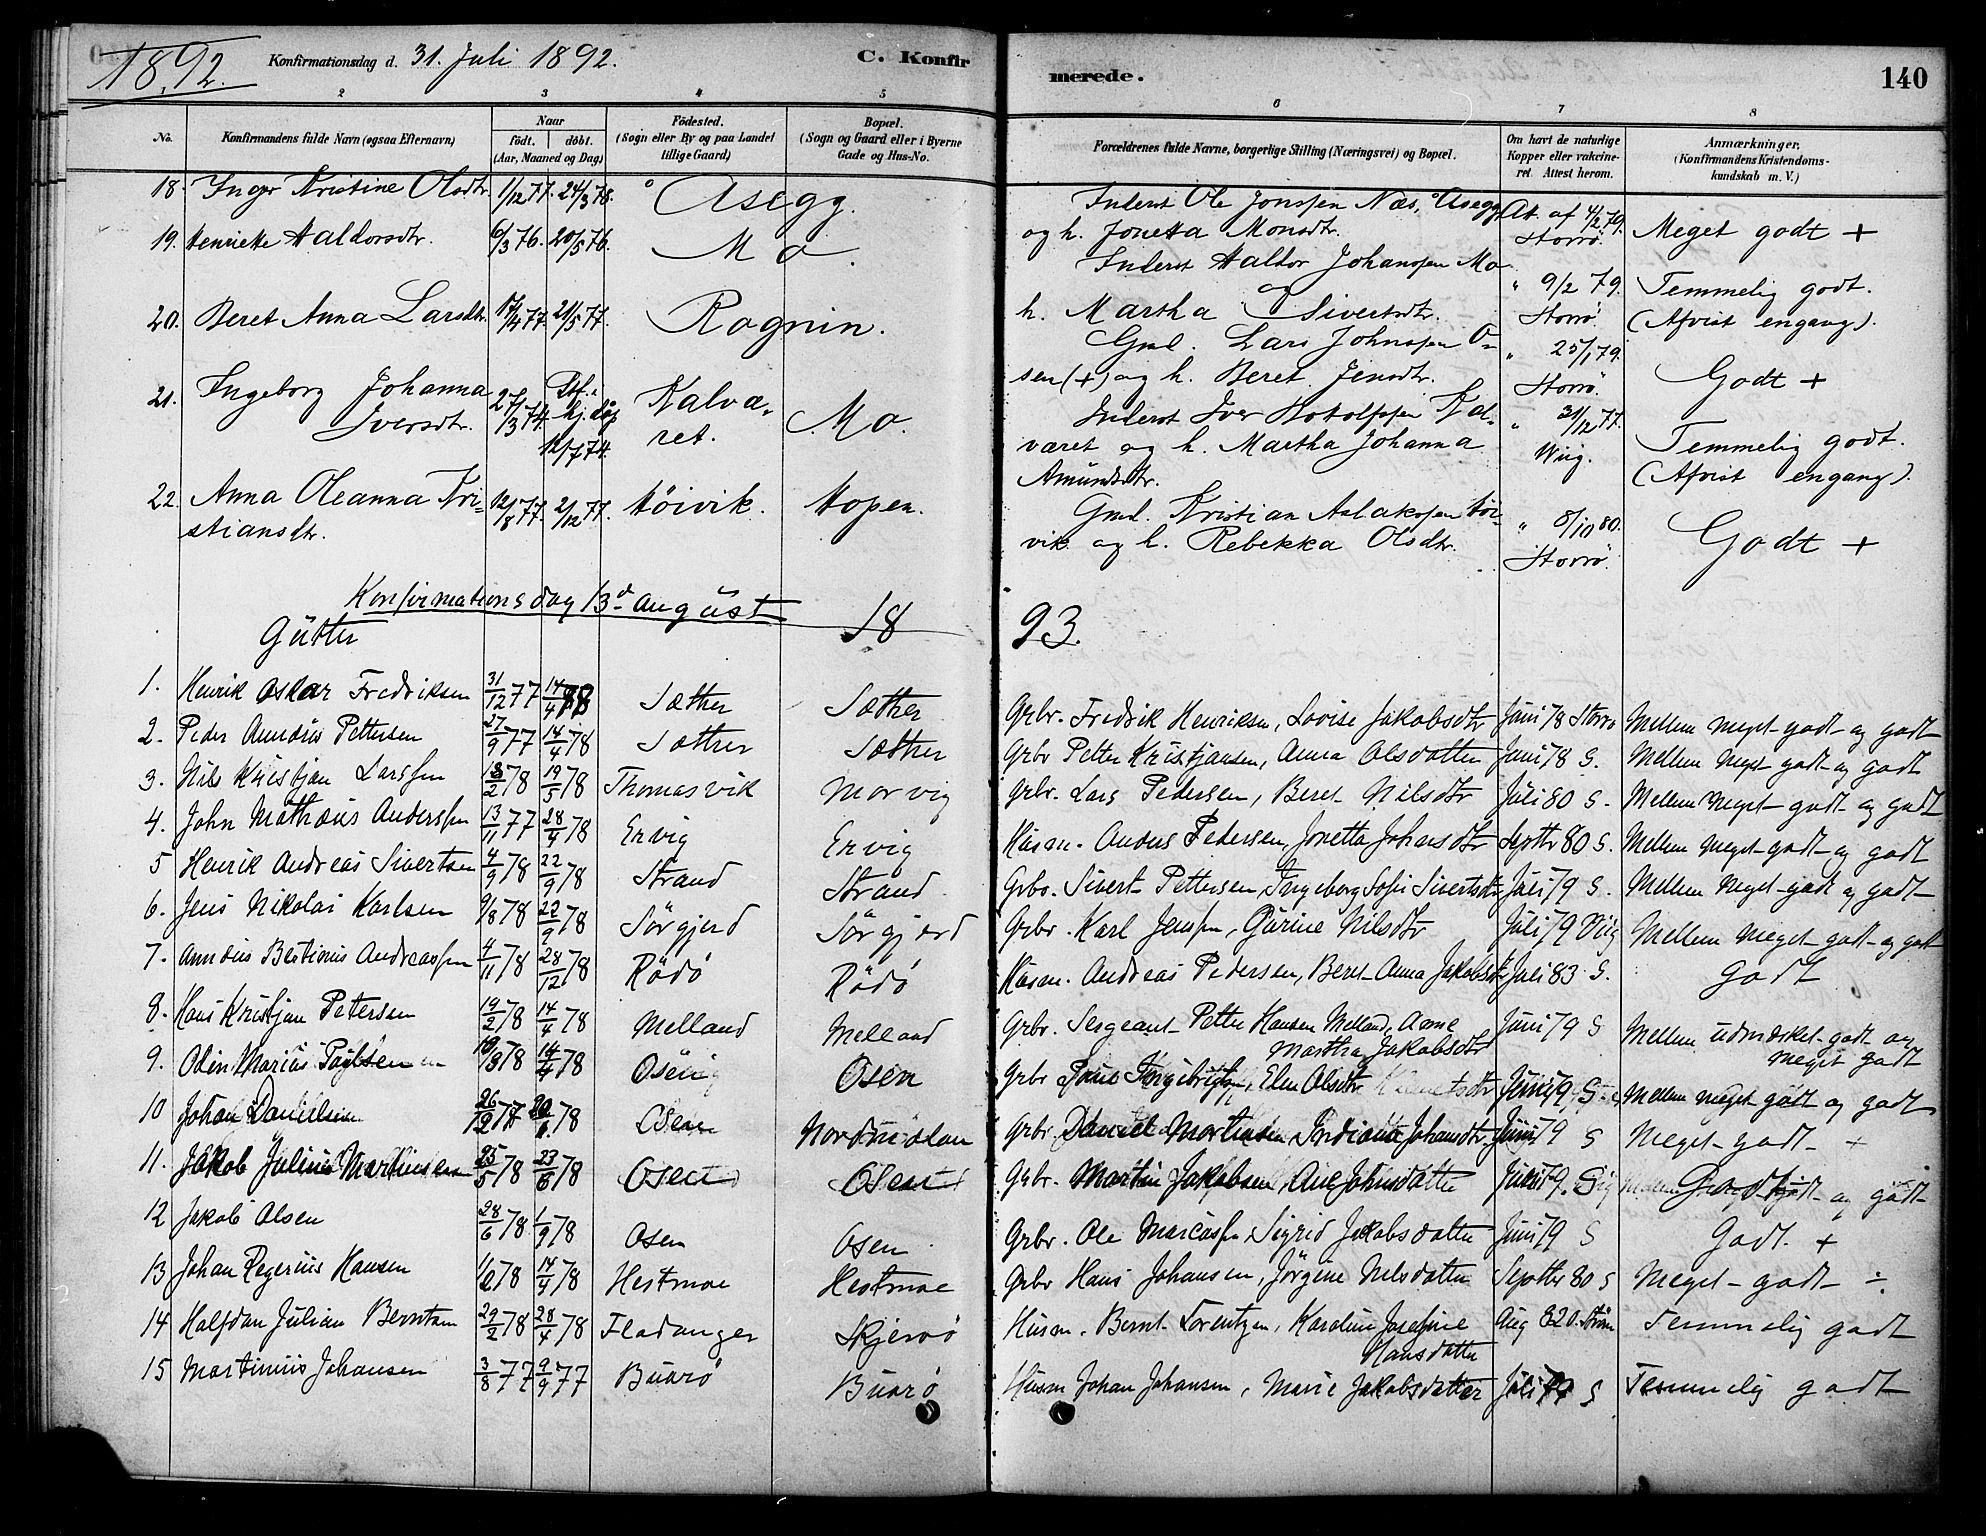 SAT, Ministerialprotokoller, klokkerbøker og fødselsregistre - Sør-Trøndelag, 658/L0722: Ministerialbok nr. 658A01, 1879-1896, s. 140